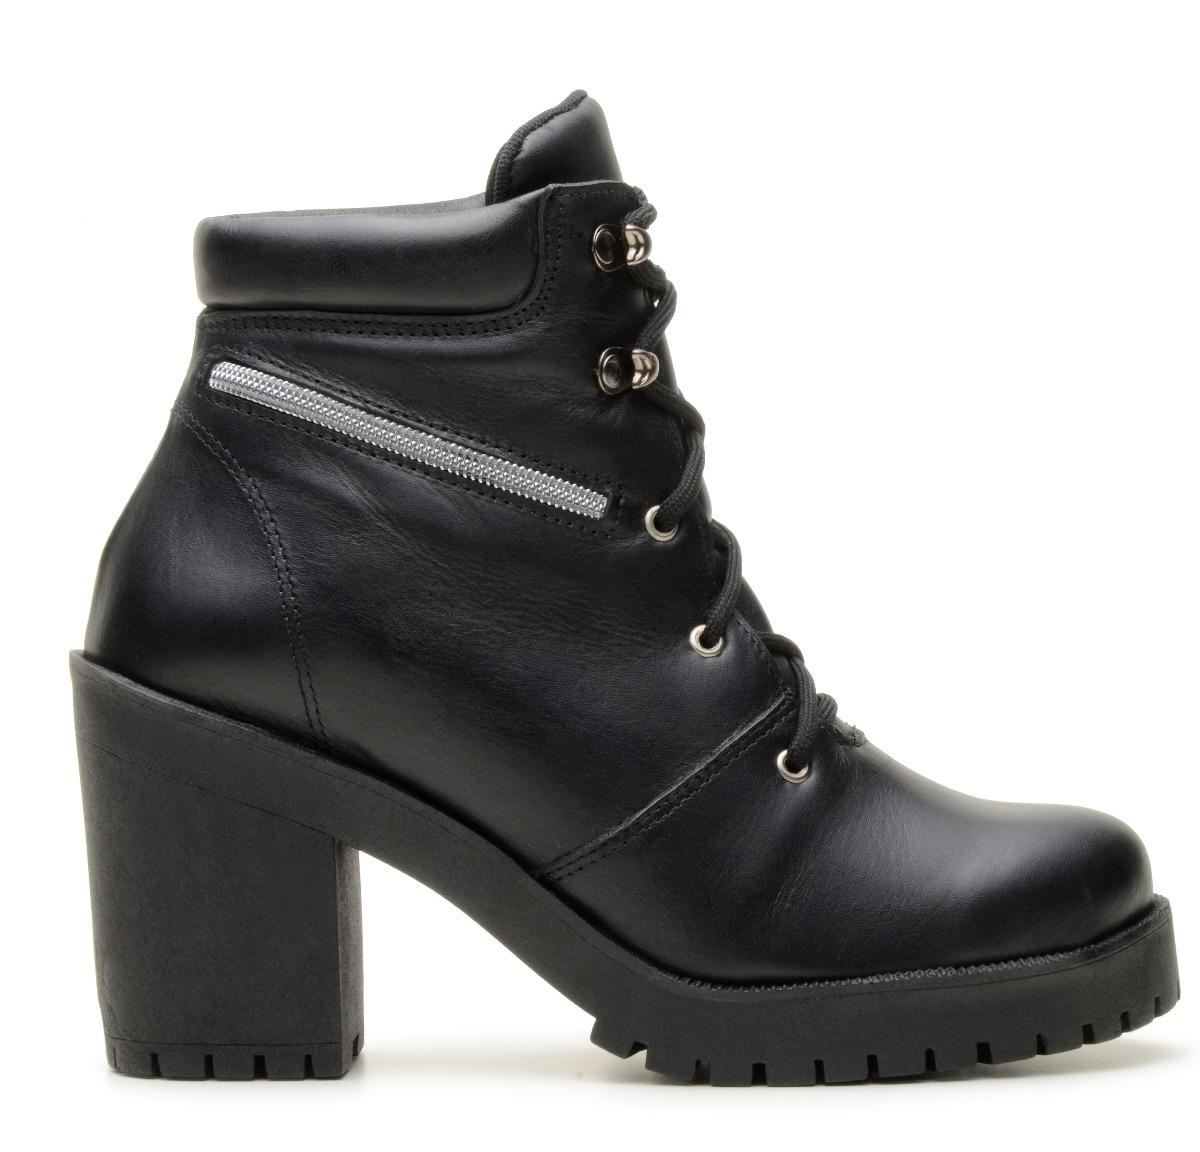 cd48eabca2 Carregando zoom... coturno feminino bota. Carregando zoom... bota coturno  feminino 100% couro confort salto alto preto